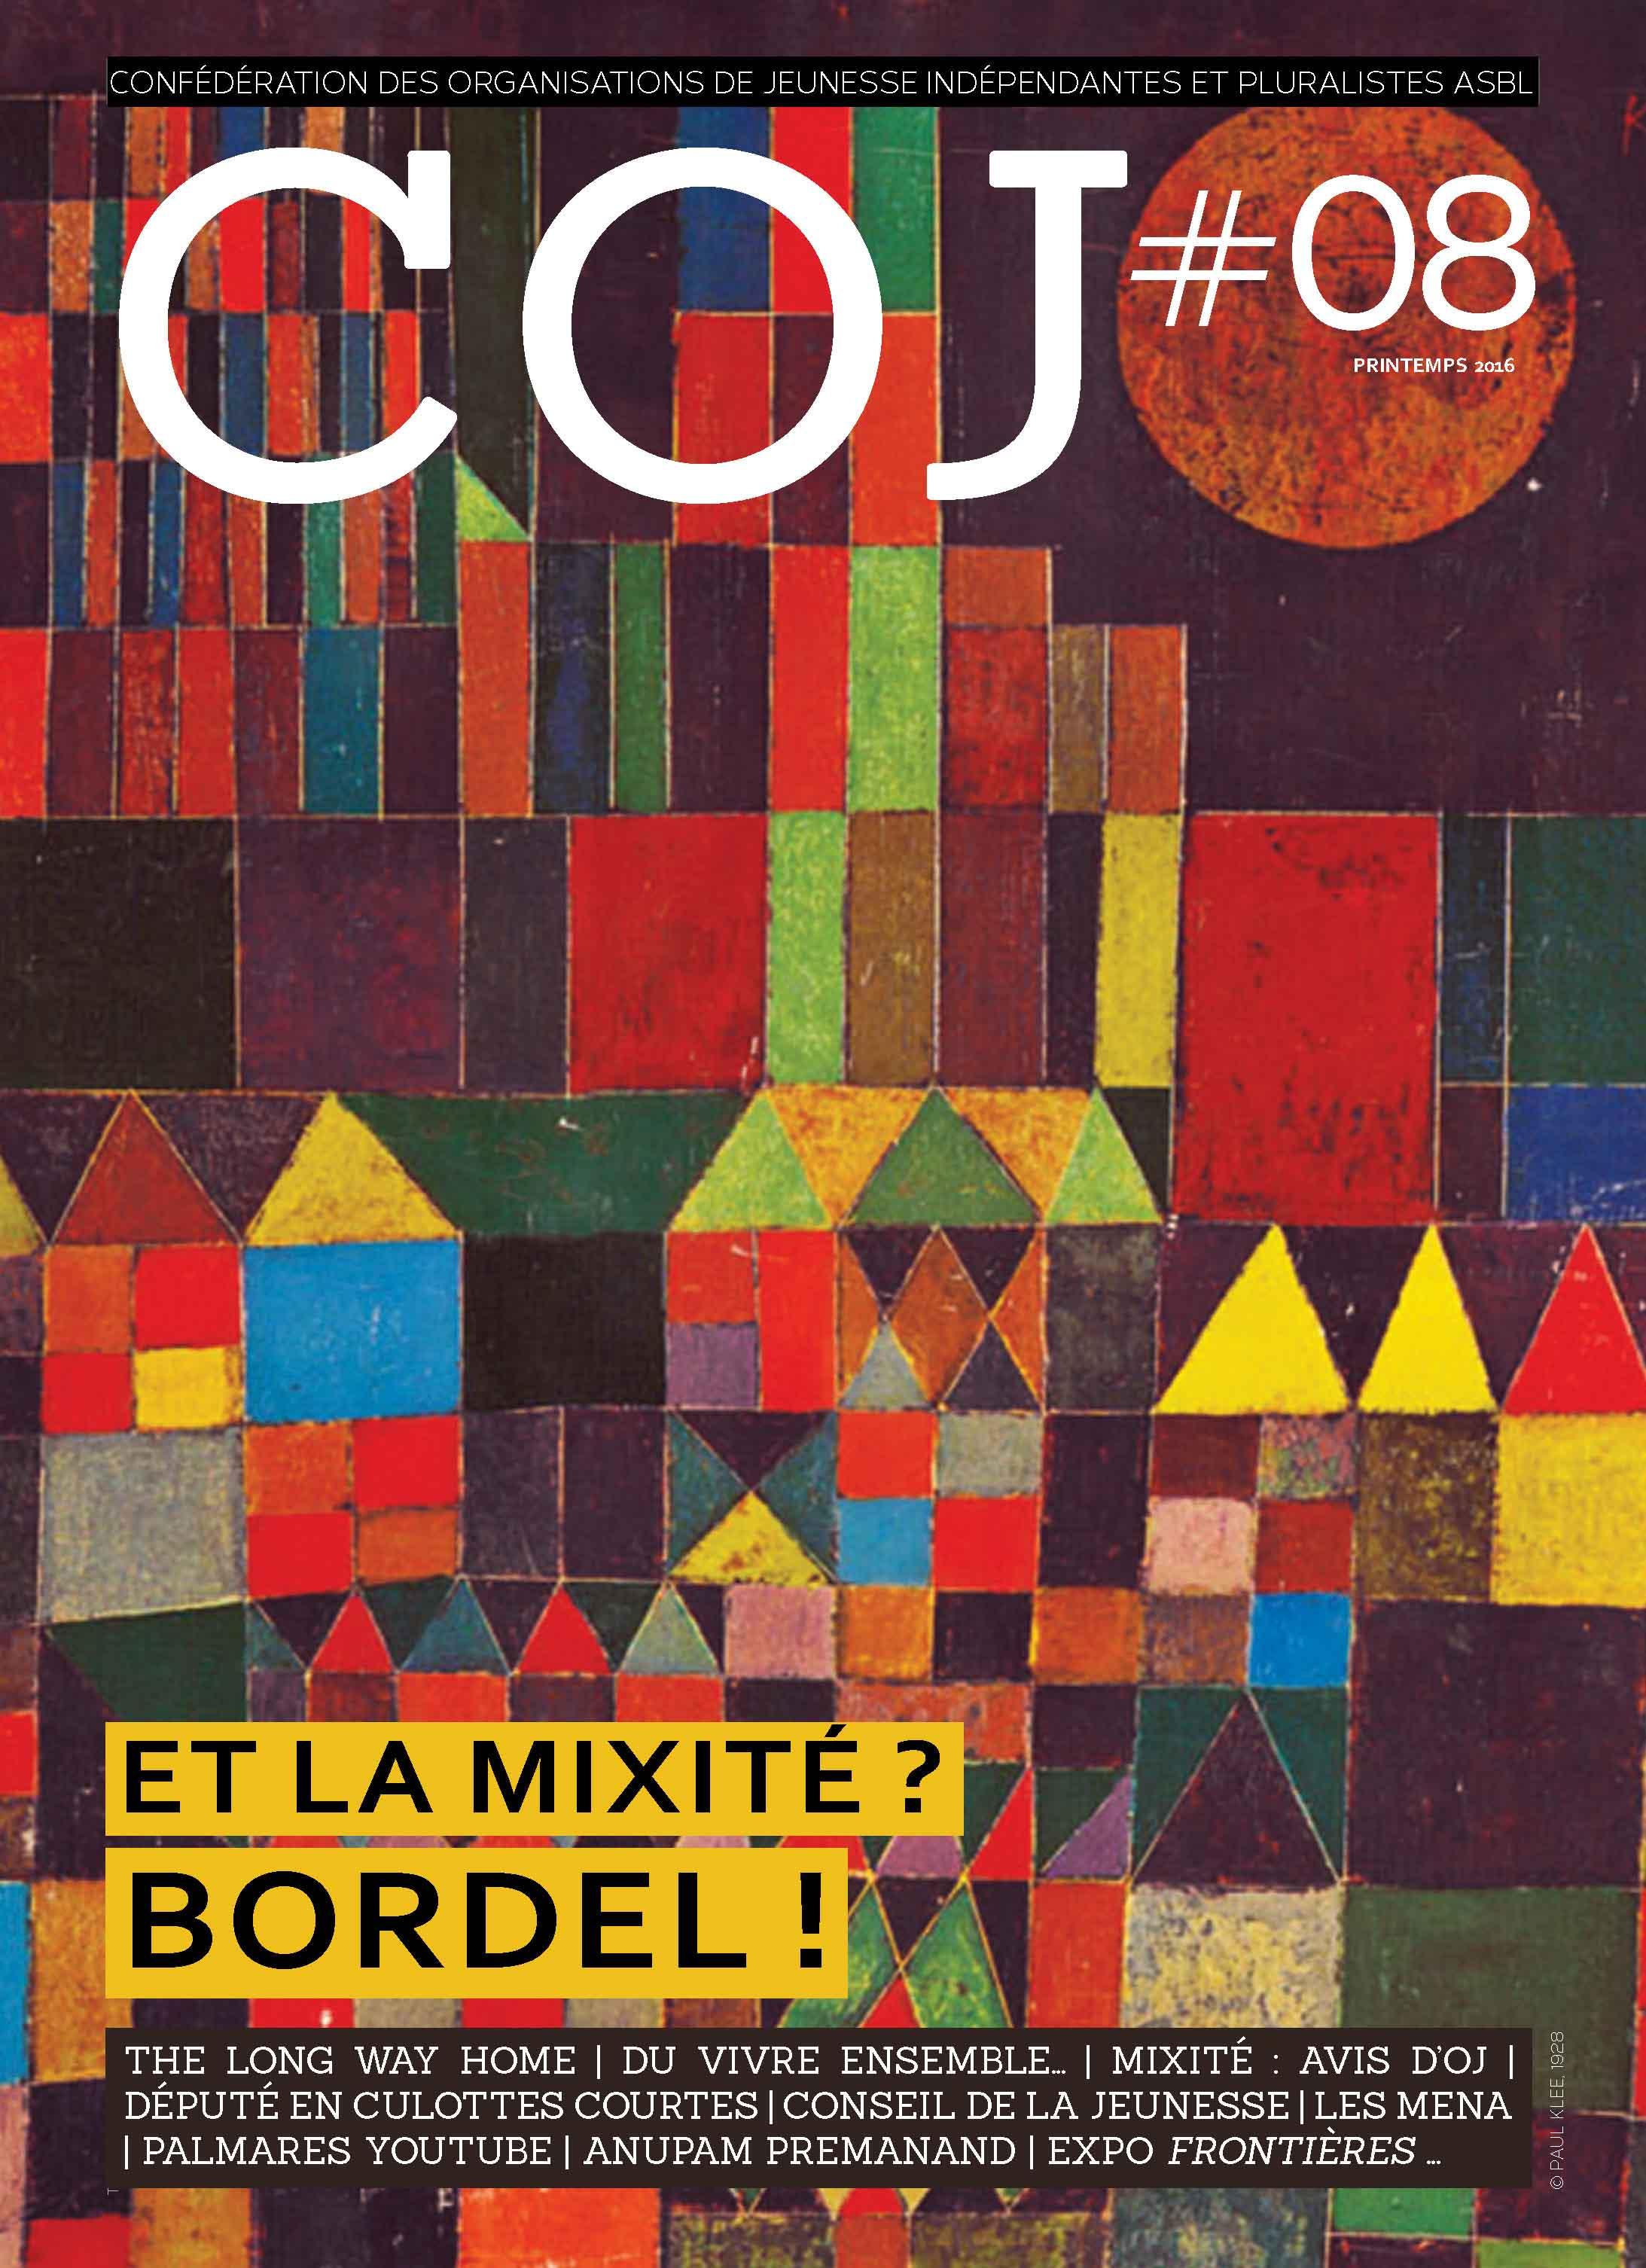 Couv-COJ-08